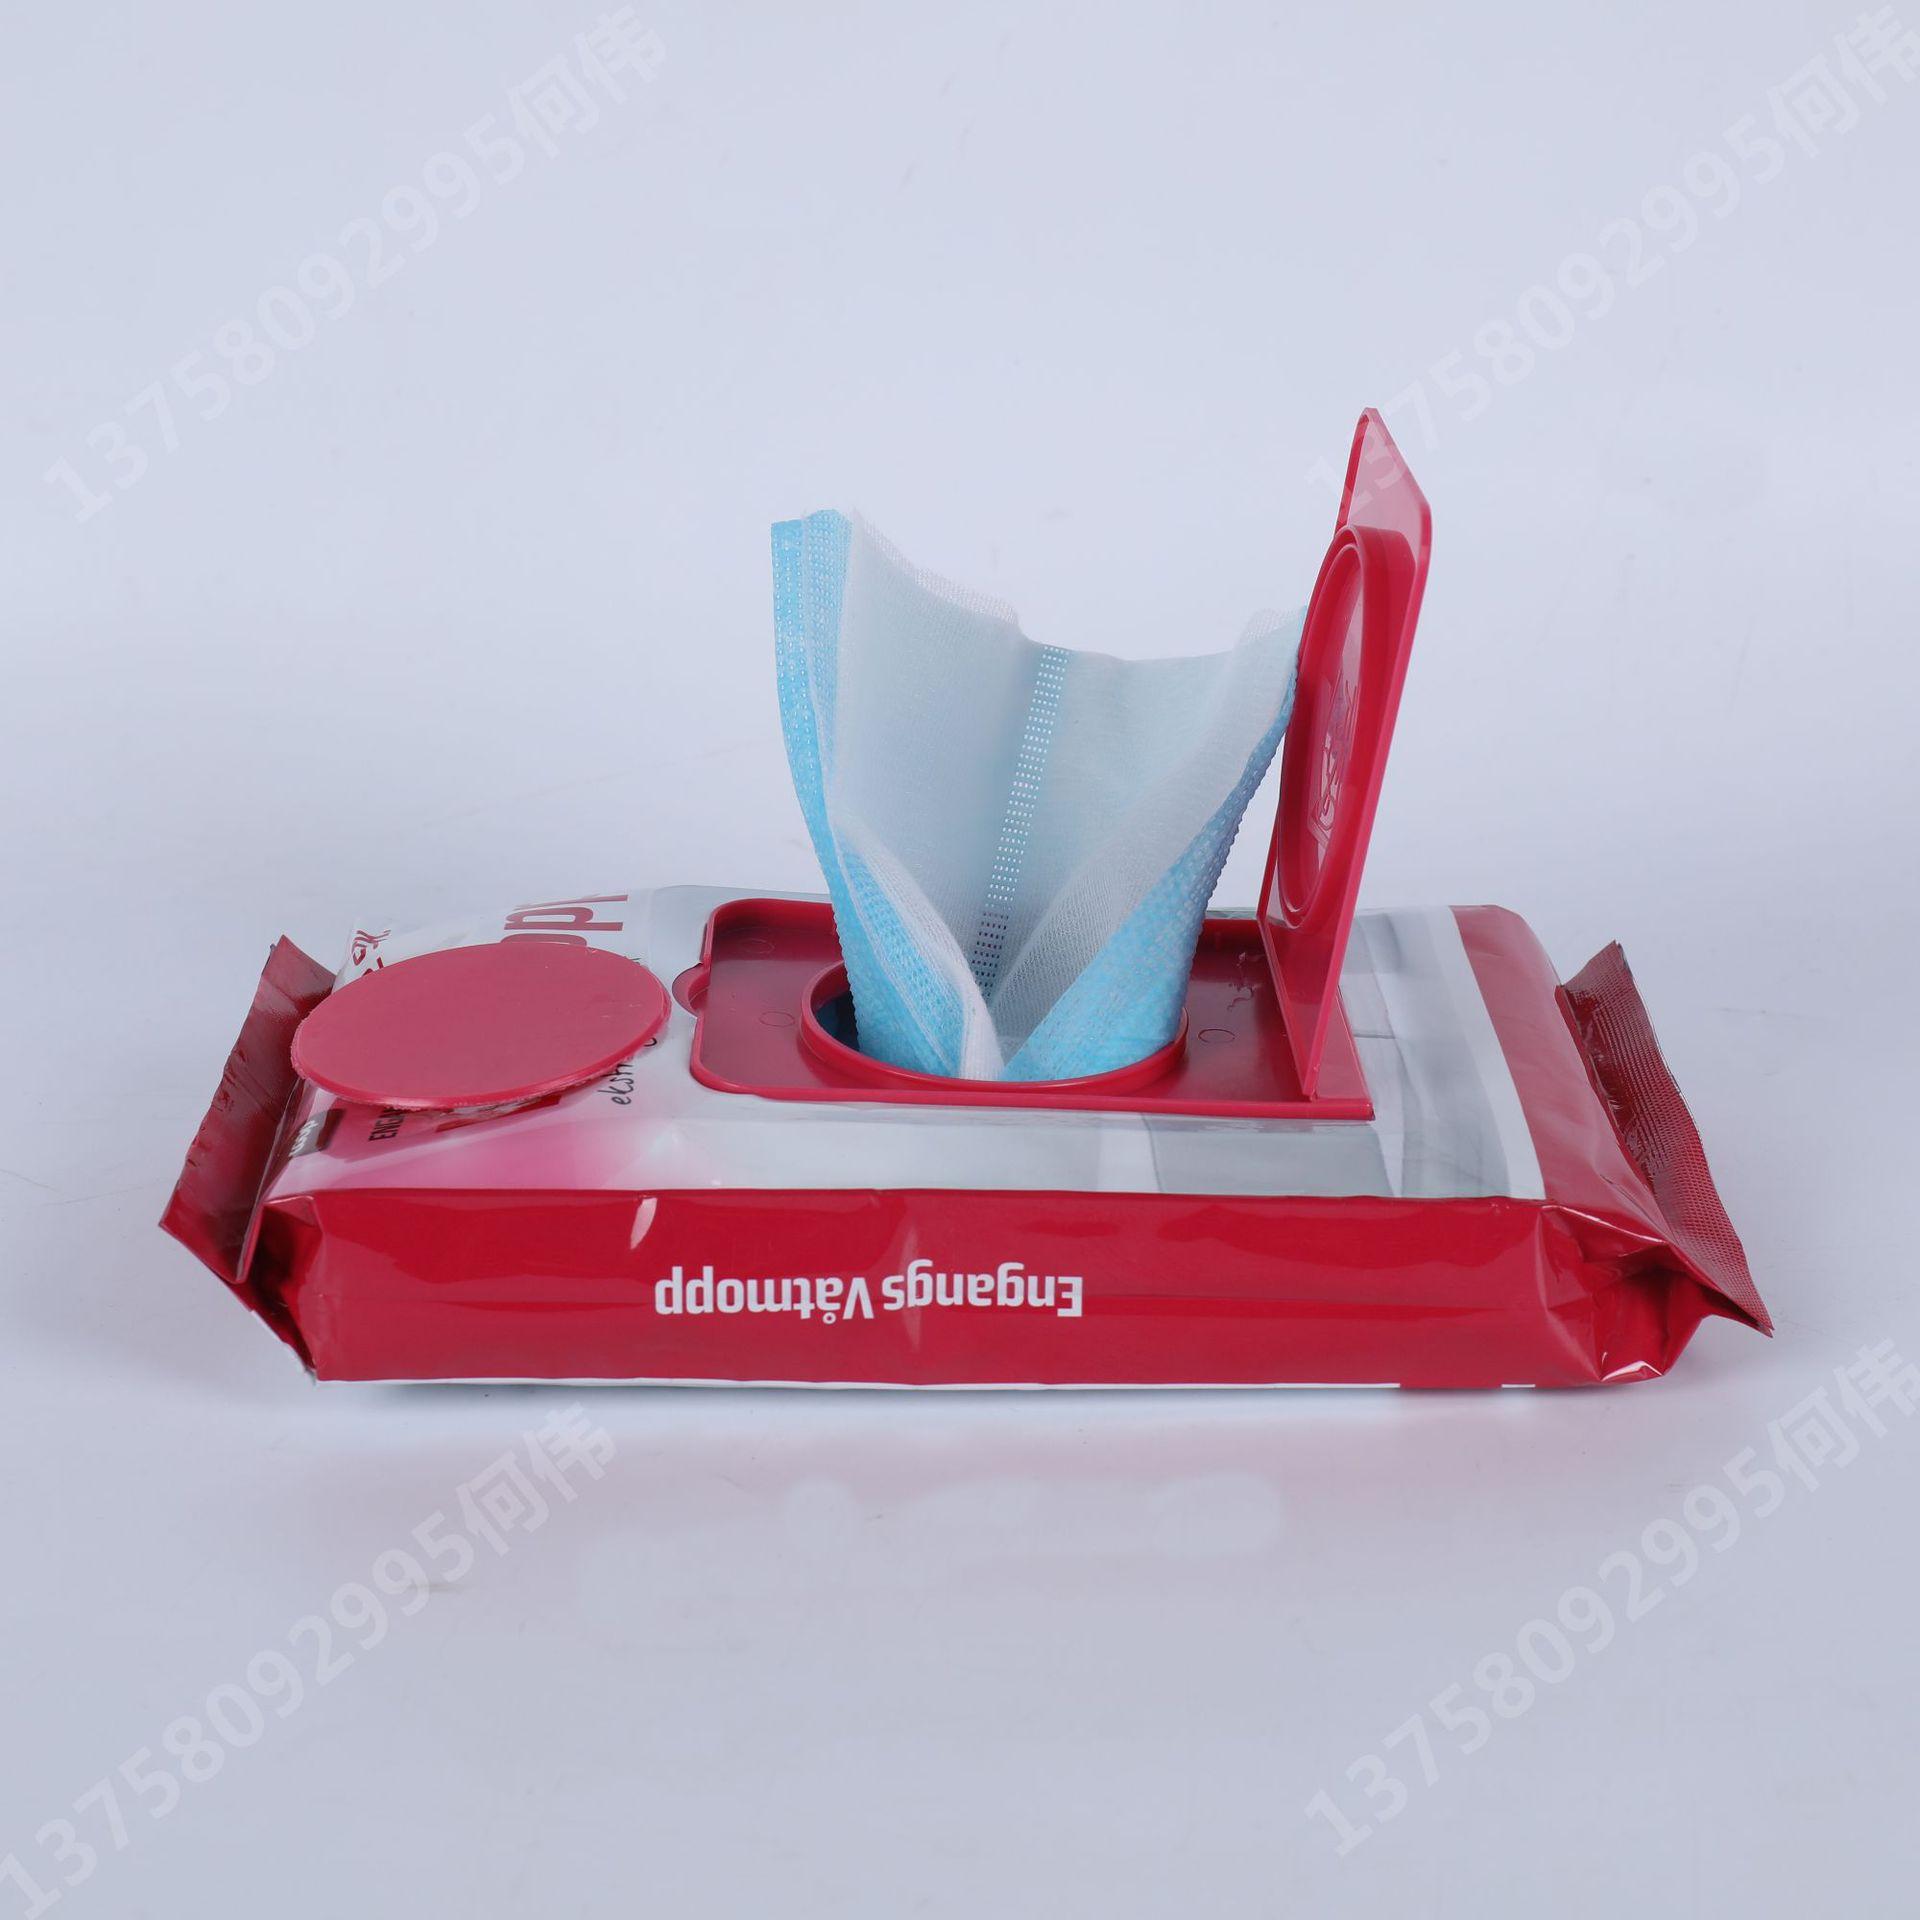 全PET地板抹布生产 厂家 定做多规格家庭清洁用水刺无纺布